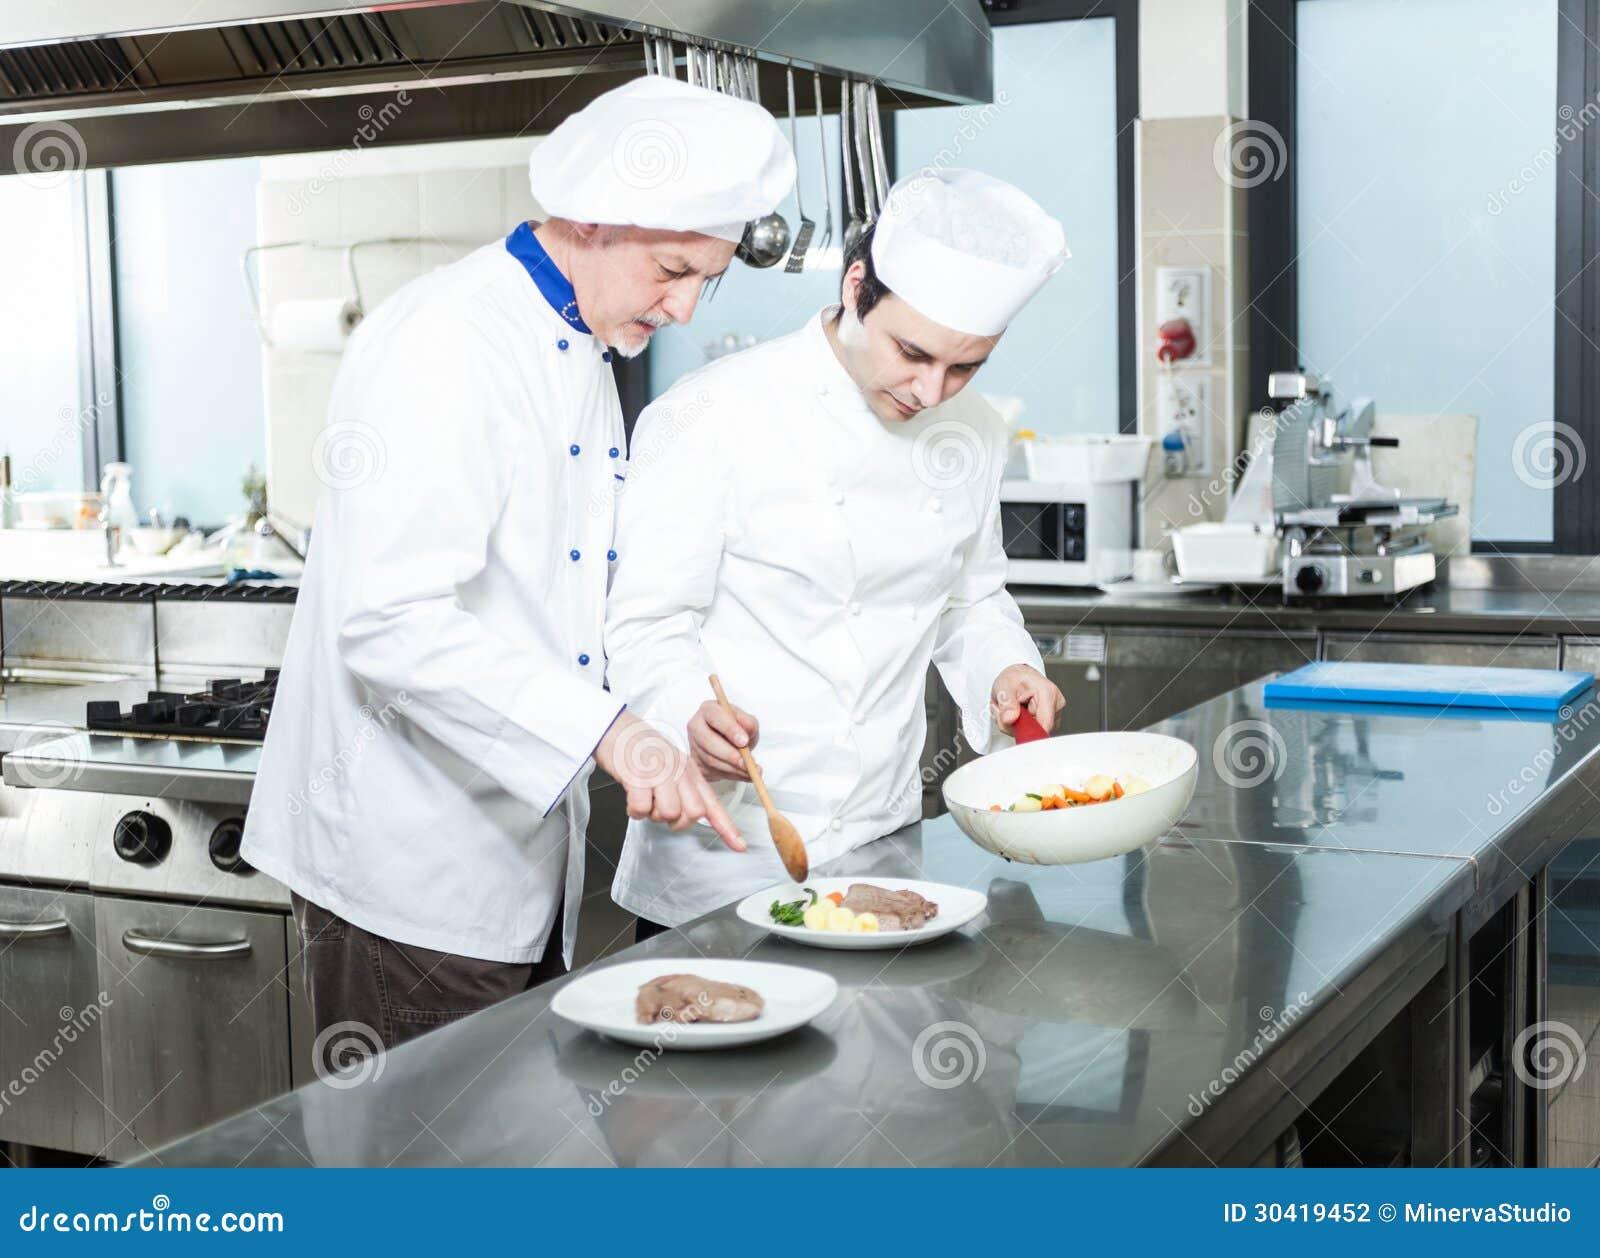 Cozinheiros chefe profissionais no trabalho